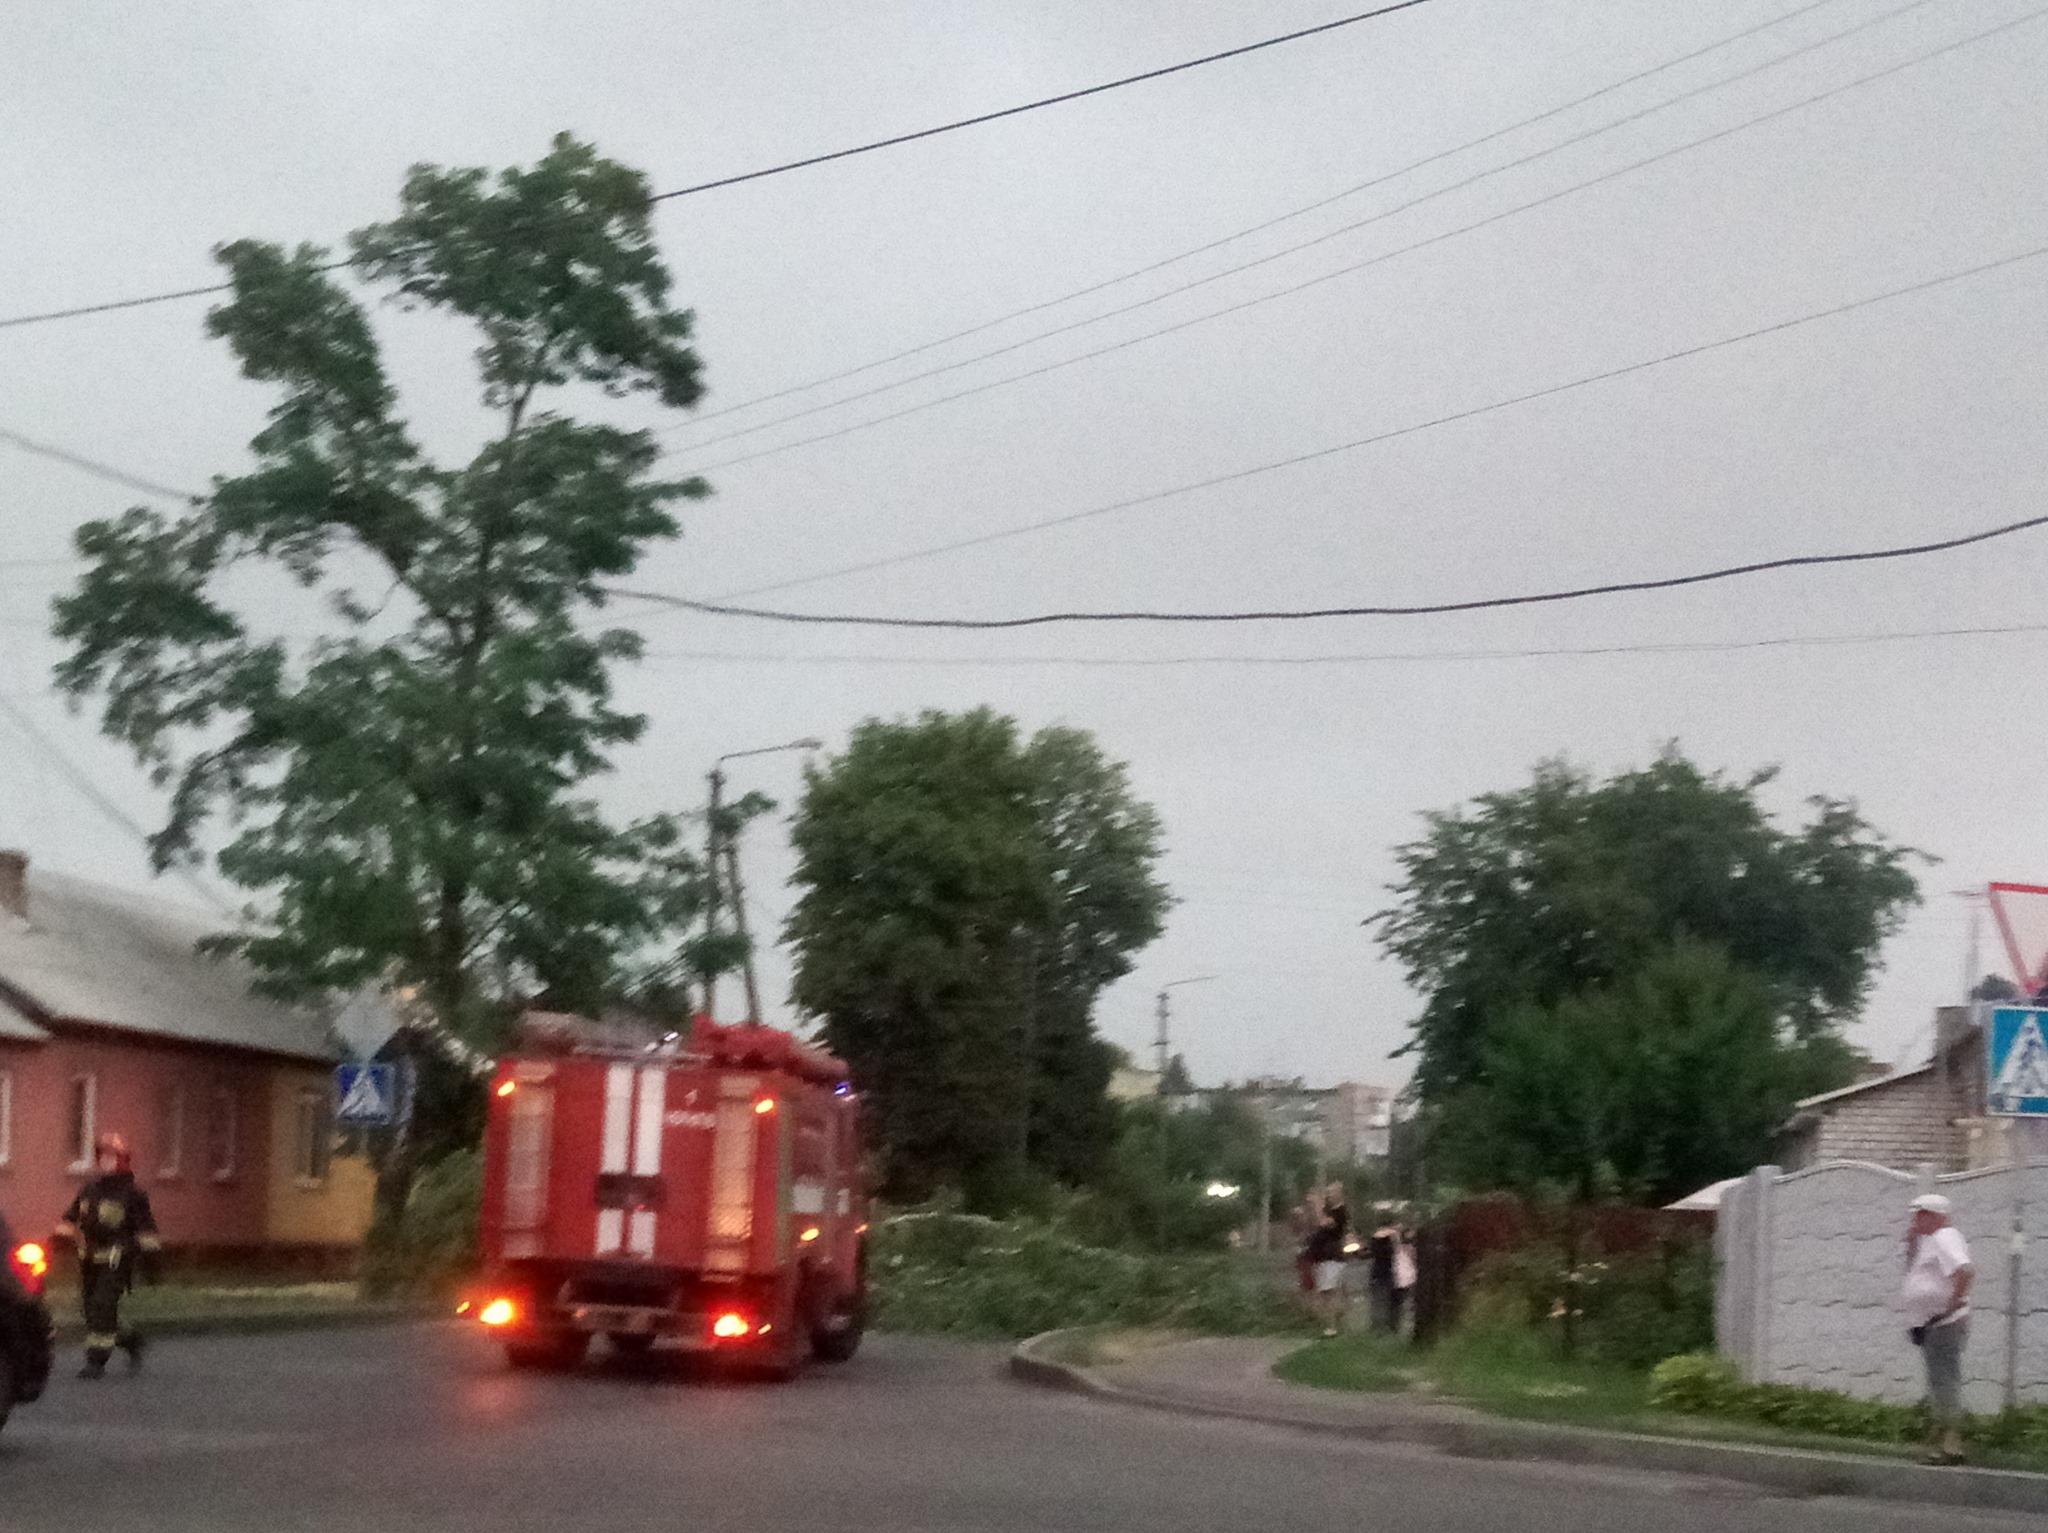 Чернігів у воді: наслідки зливи (Фото, відео)